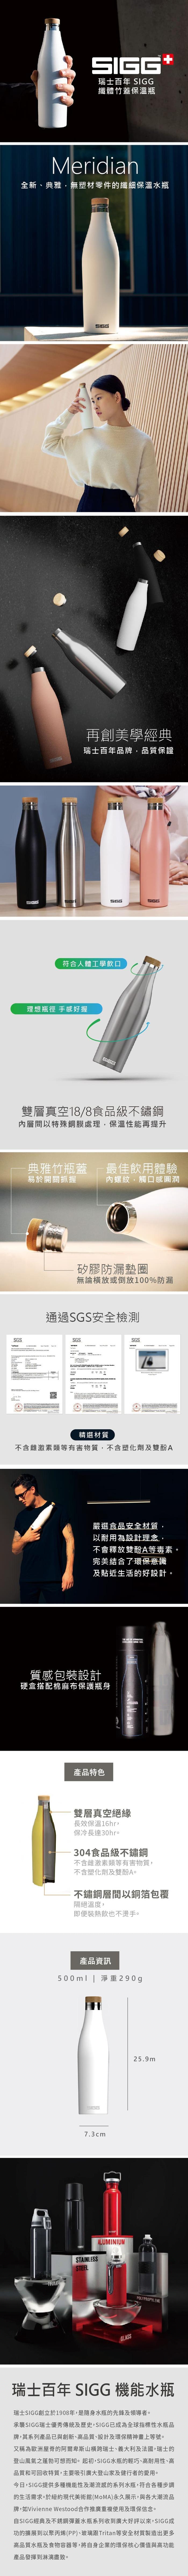 (複製)瑞士百年 SIGG 纖體竹蓋保溫瓶 500ml - 霧銀